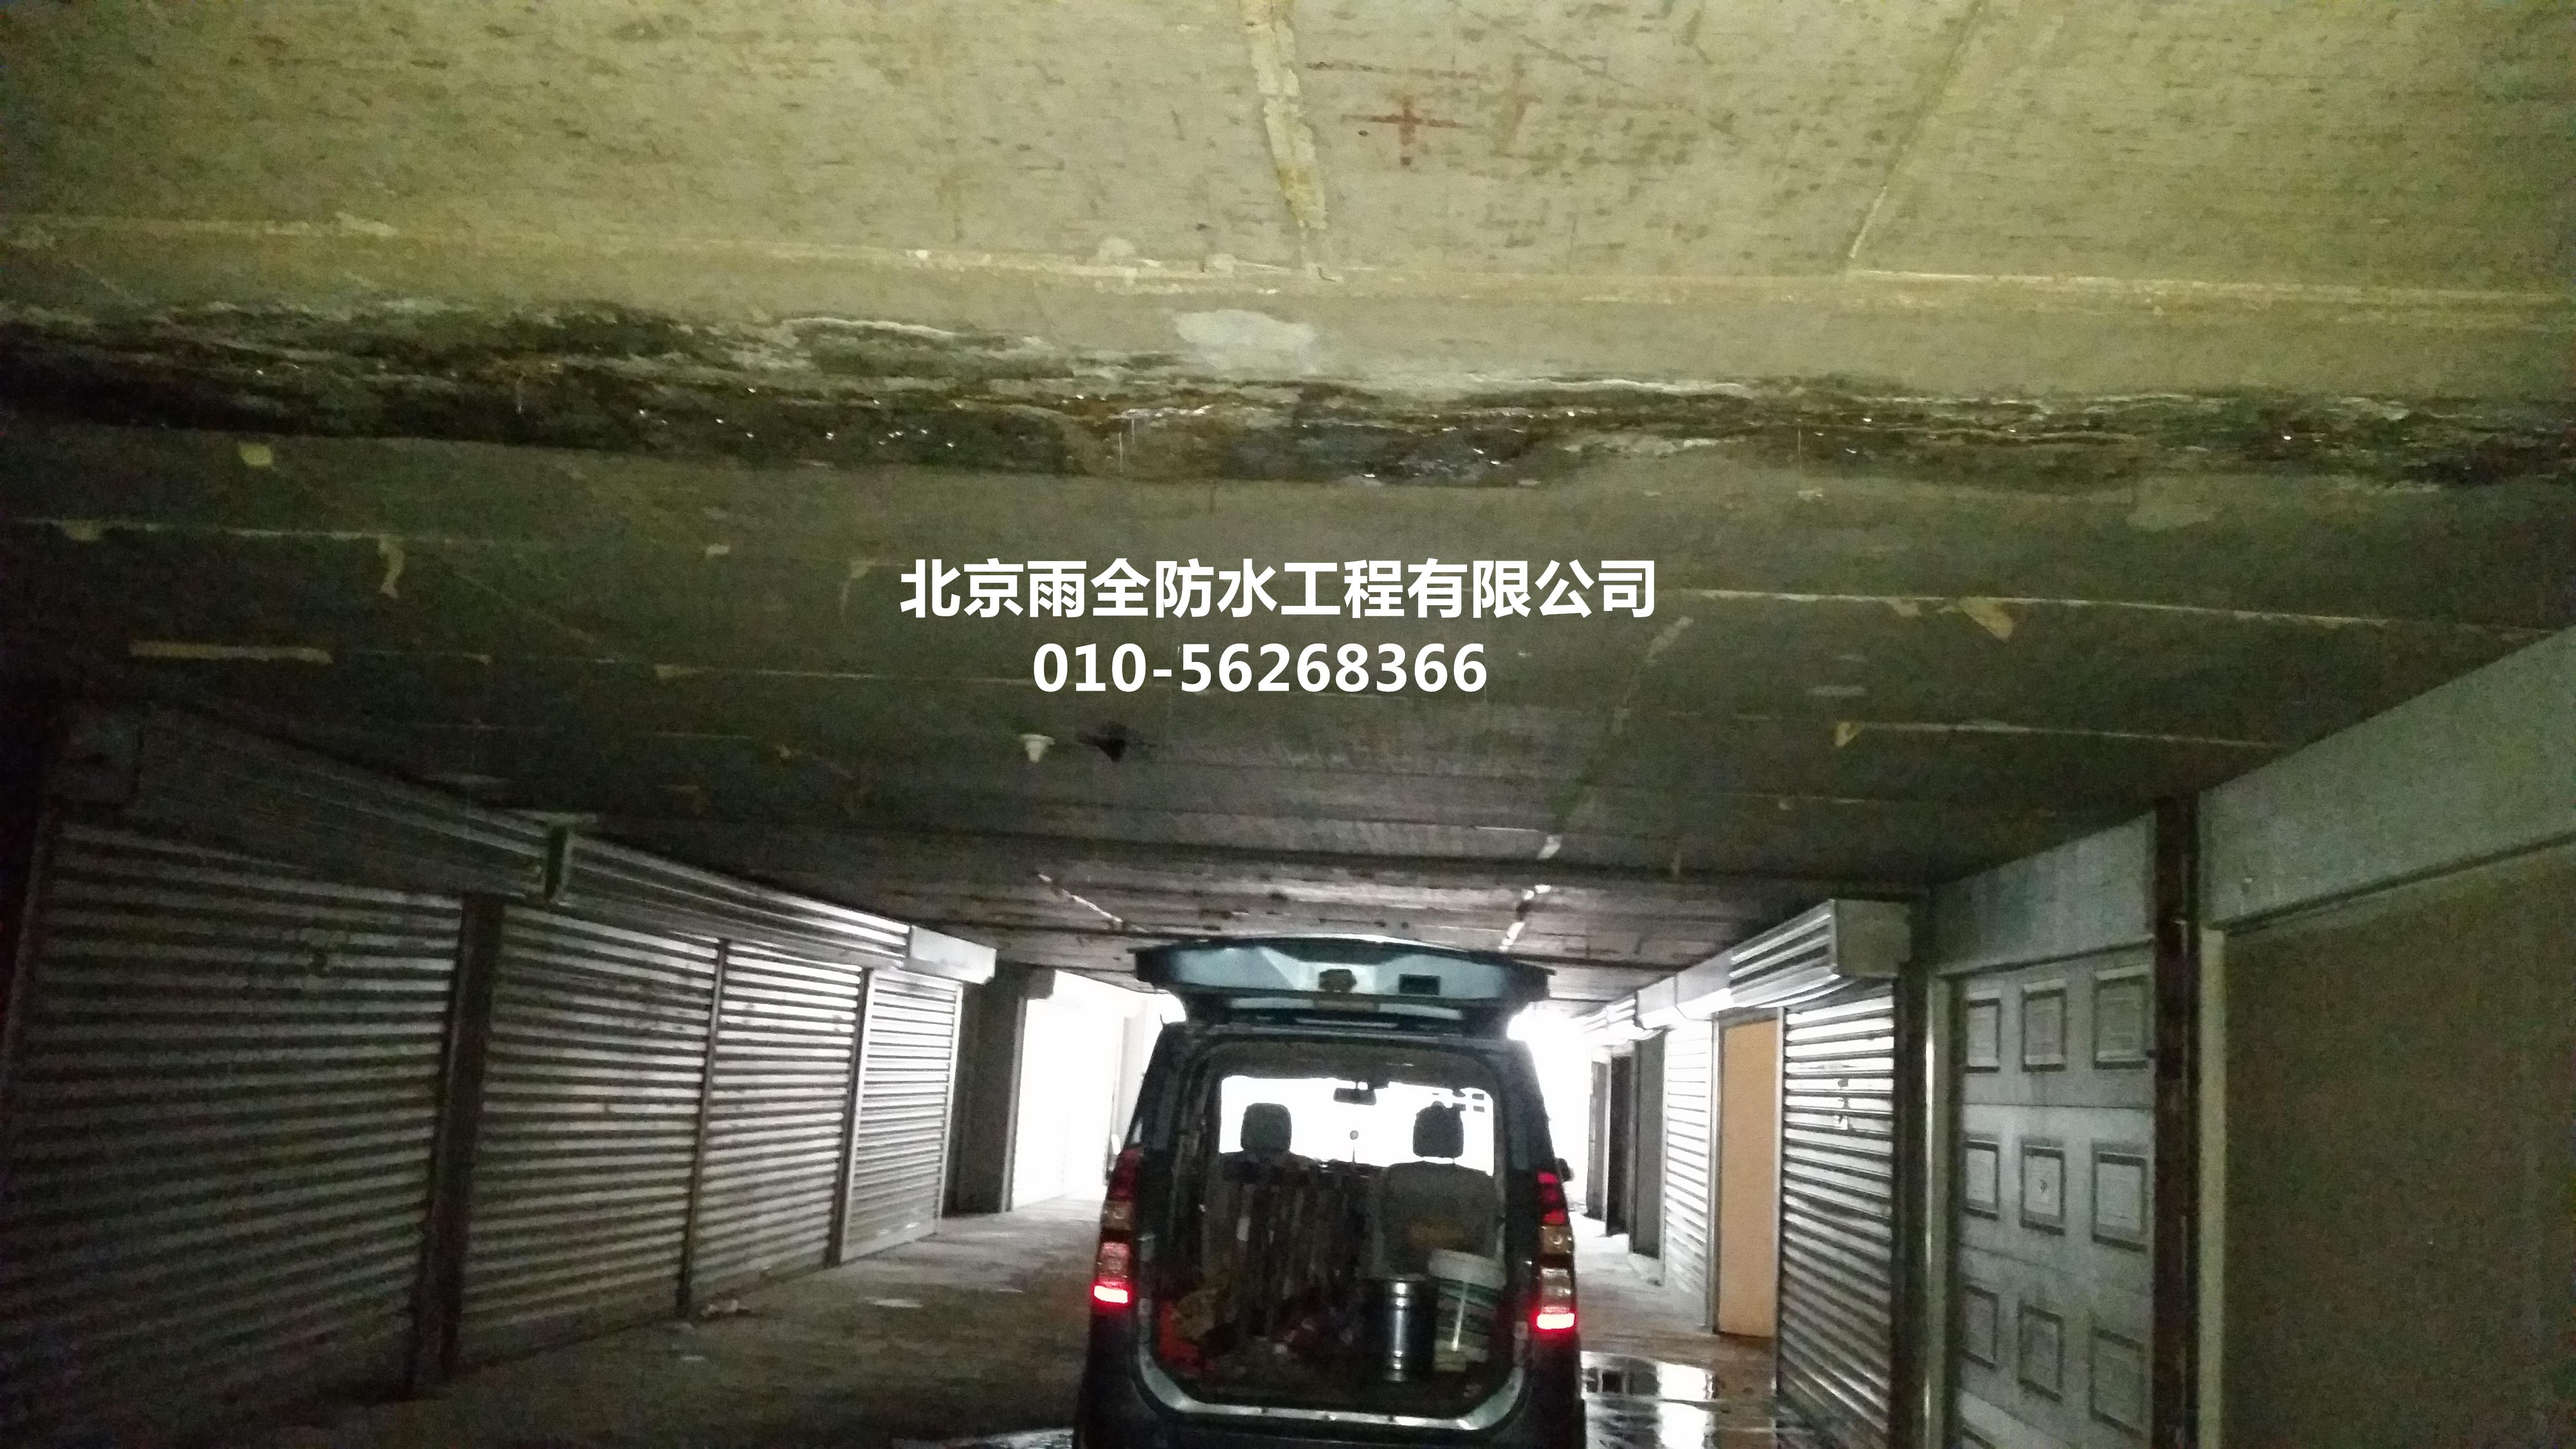 平谷区医院西侧地下车库堵漏